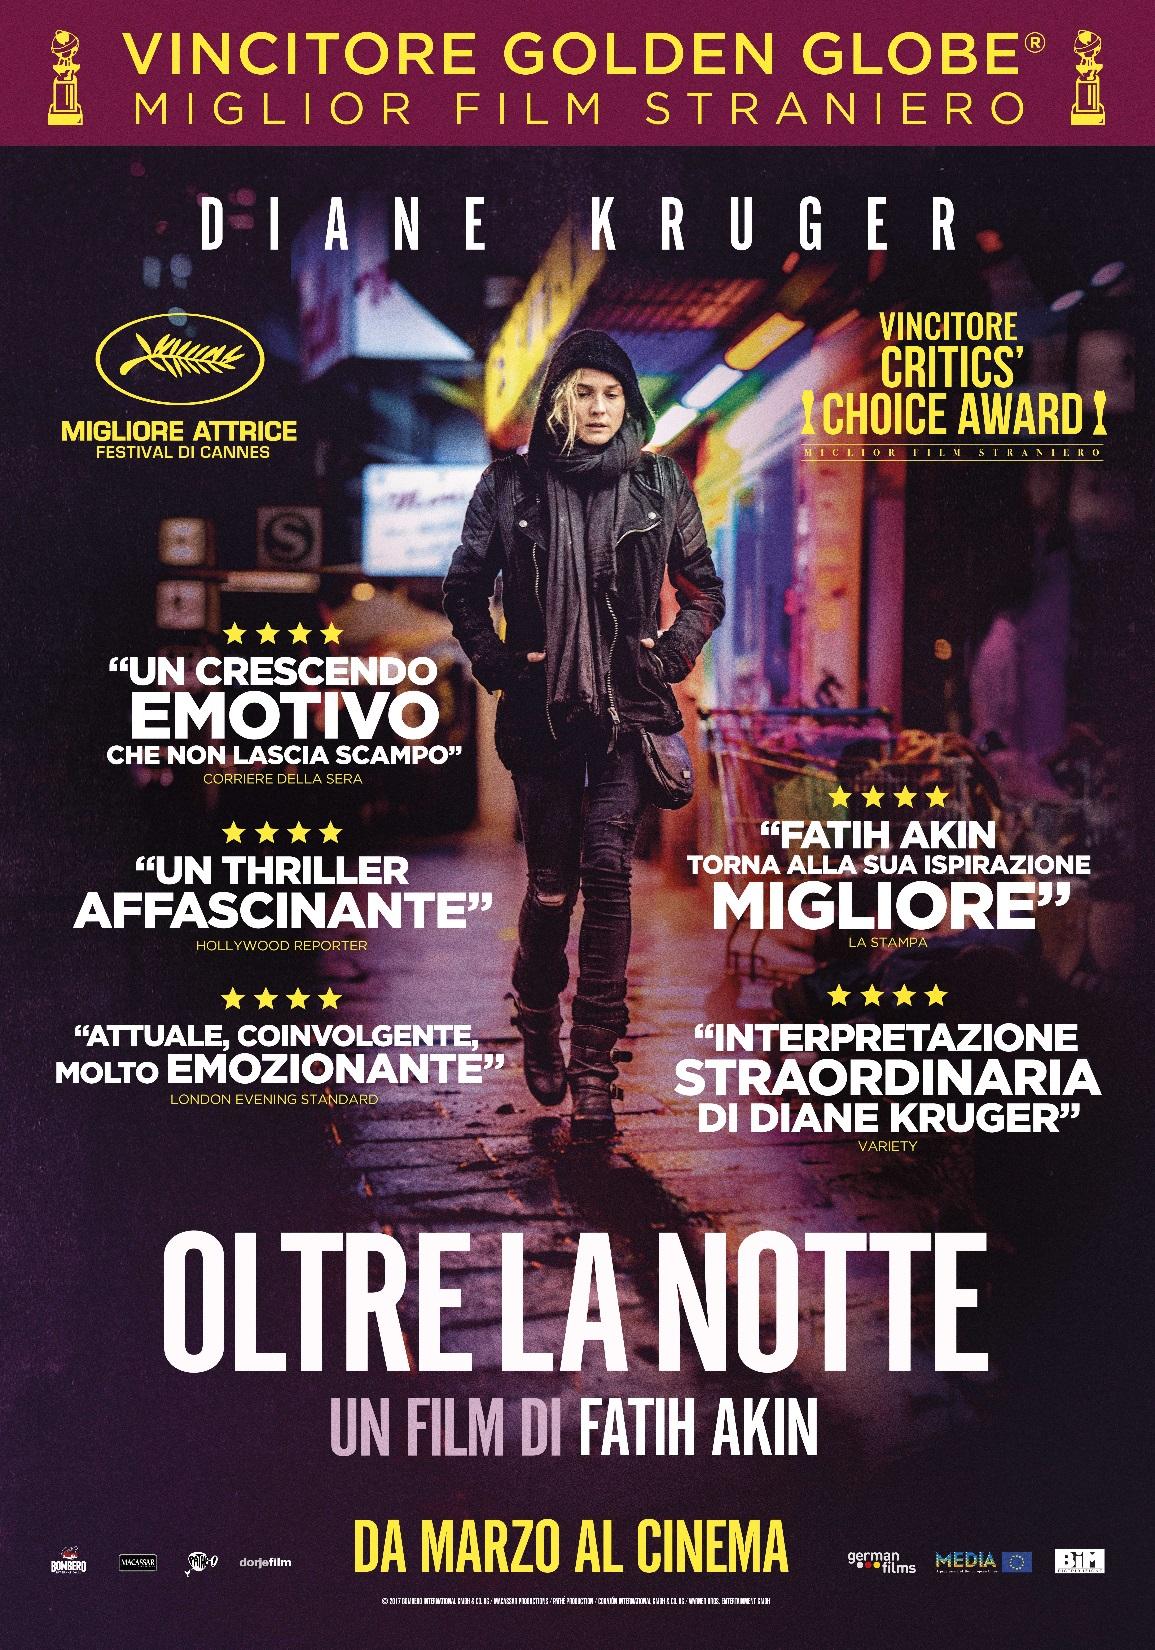 OLTRE LA NOTTE (DVD)